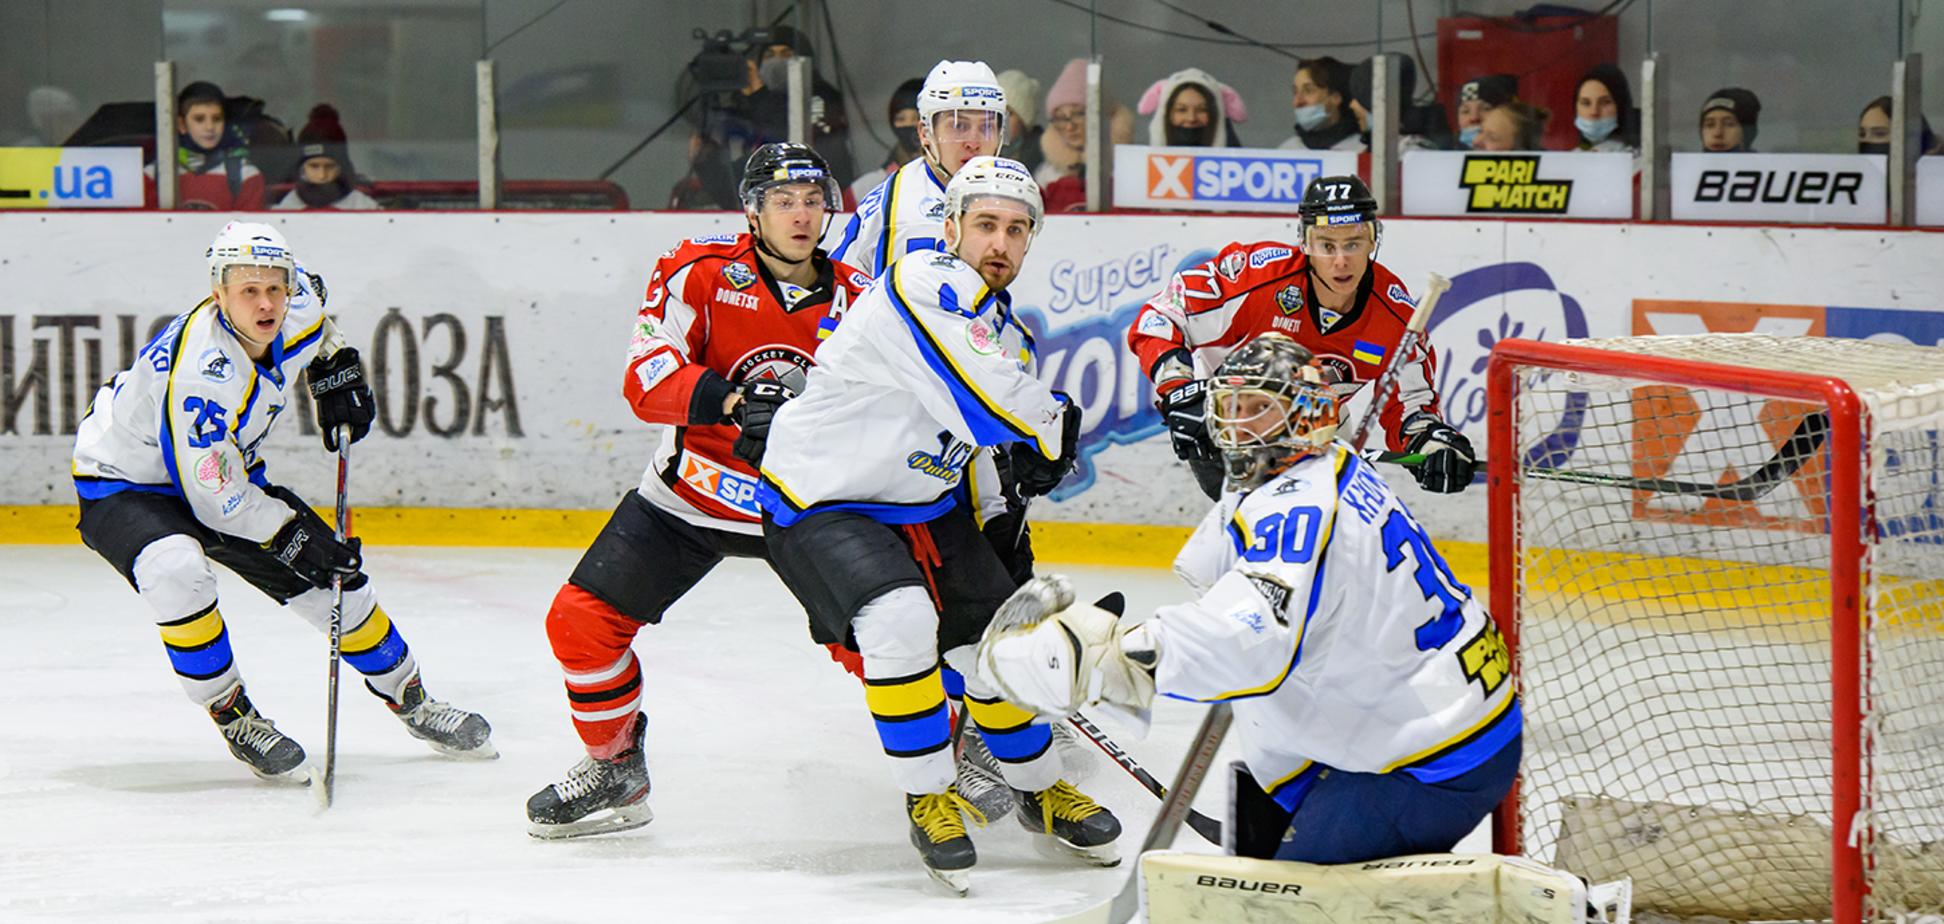 ХК 'Донбас', двічі поступаючись по ходу зустрічі, обіграв 'Дніпро' в УХЛ